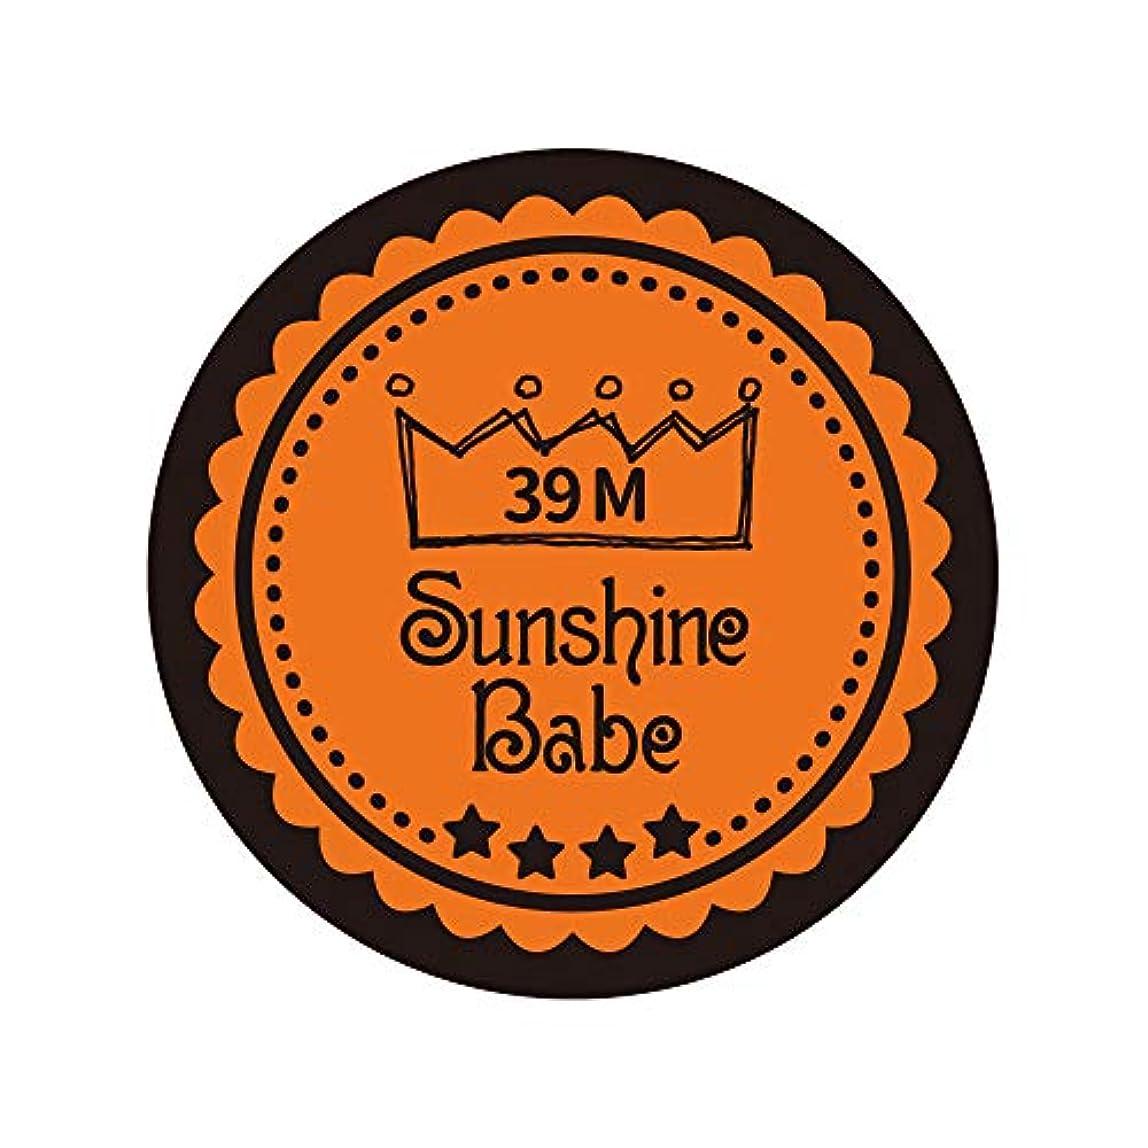 ボウルキャンセル免除Sunshine Babe カラージェル 39M ラセットオレンジ 2.7g UV/LED対応